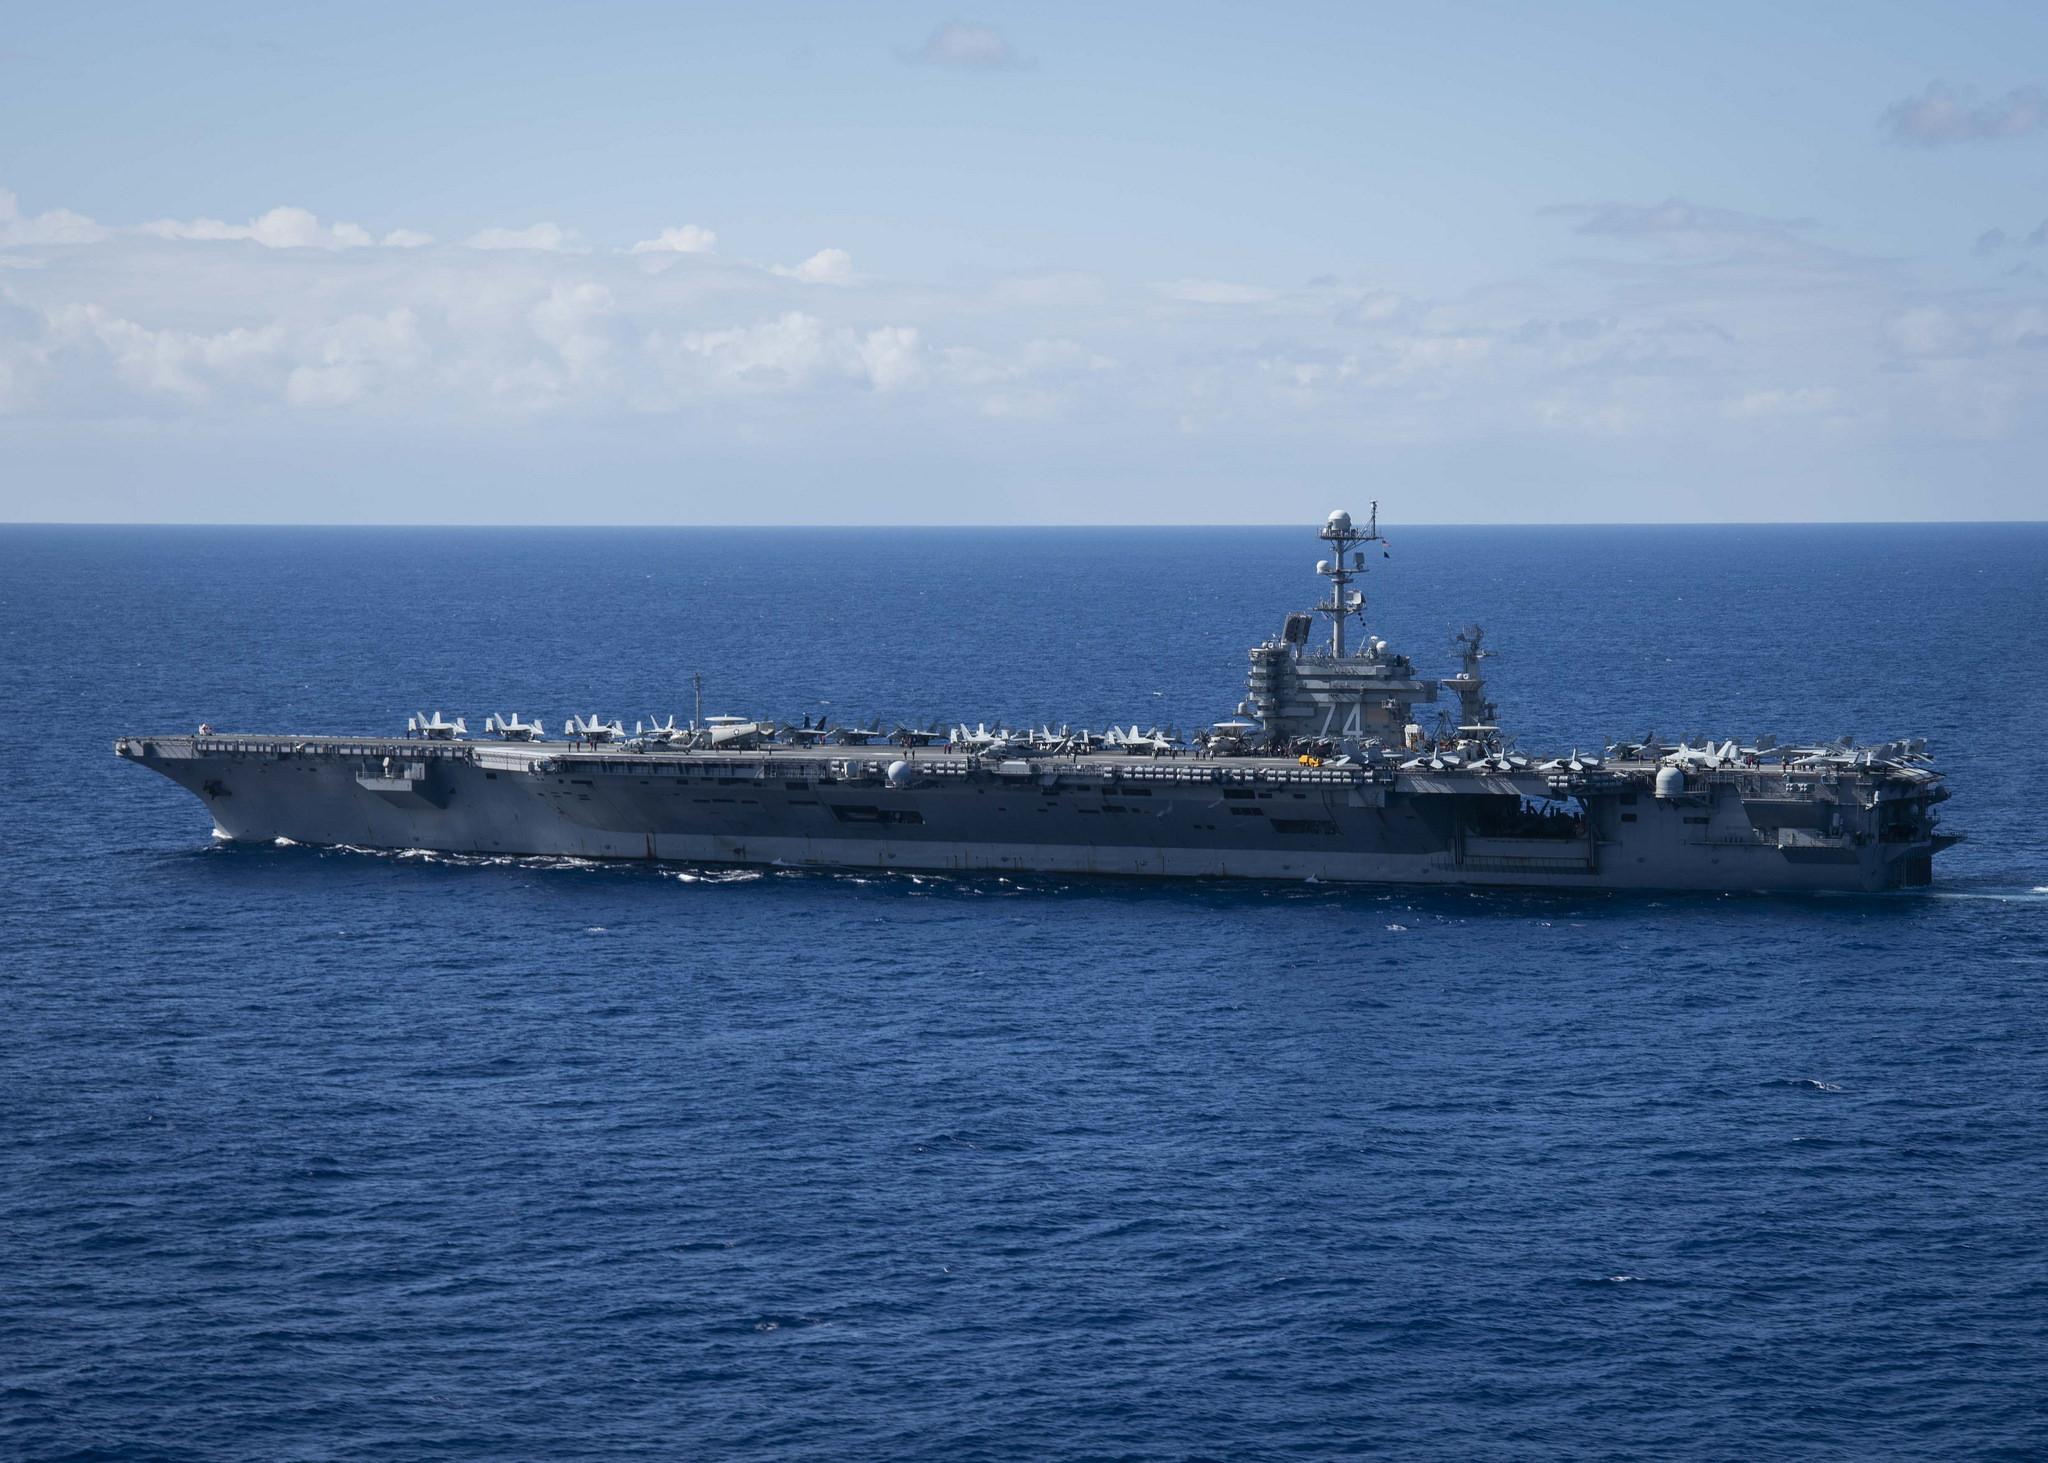 敏感时机美军双航母再聚西太 可组三航母战斗群